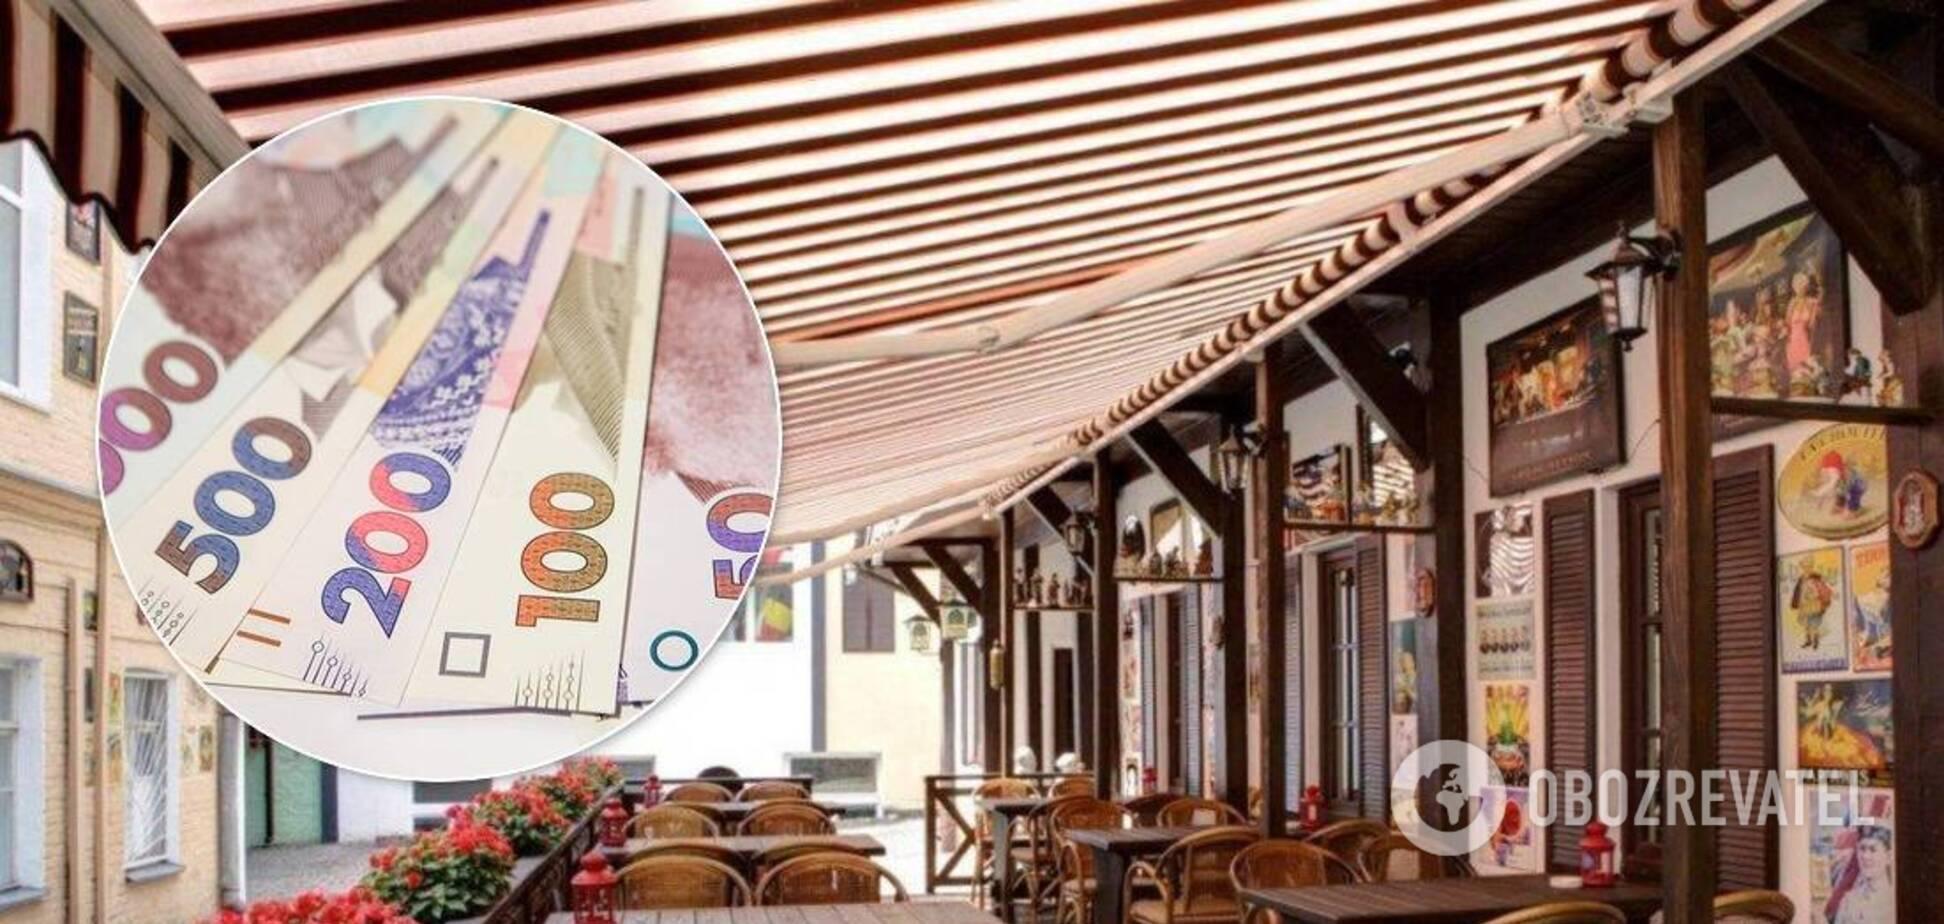 Як змінилися доходи кафе й ресторанів у липні